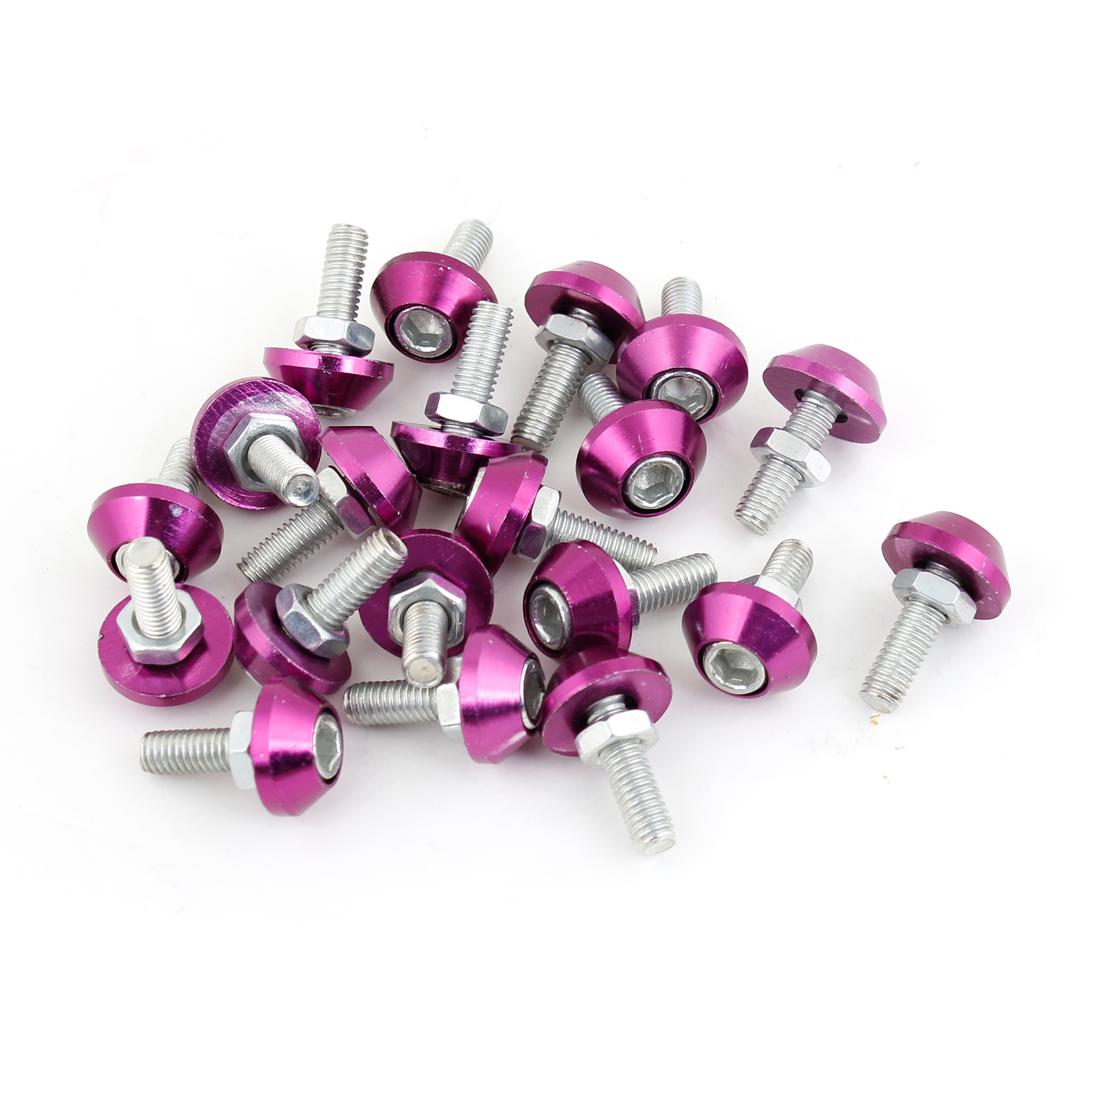 20 Pcs M6 Thread Diameter Repair Parts Tyre Tire Screw Purple for Car